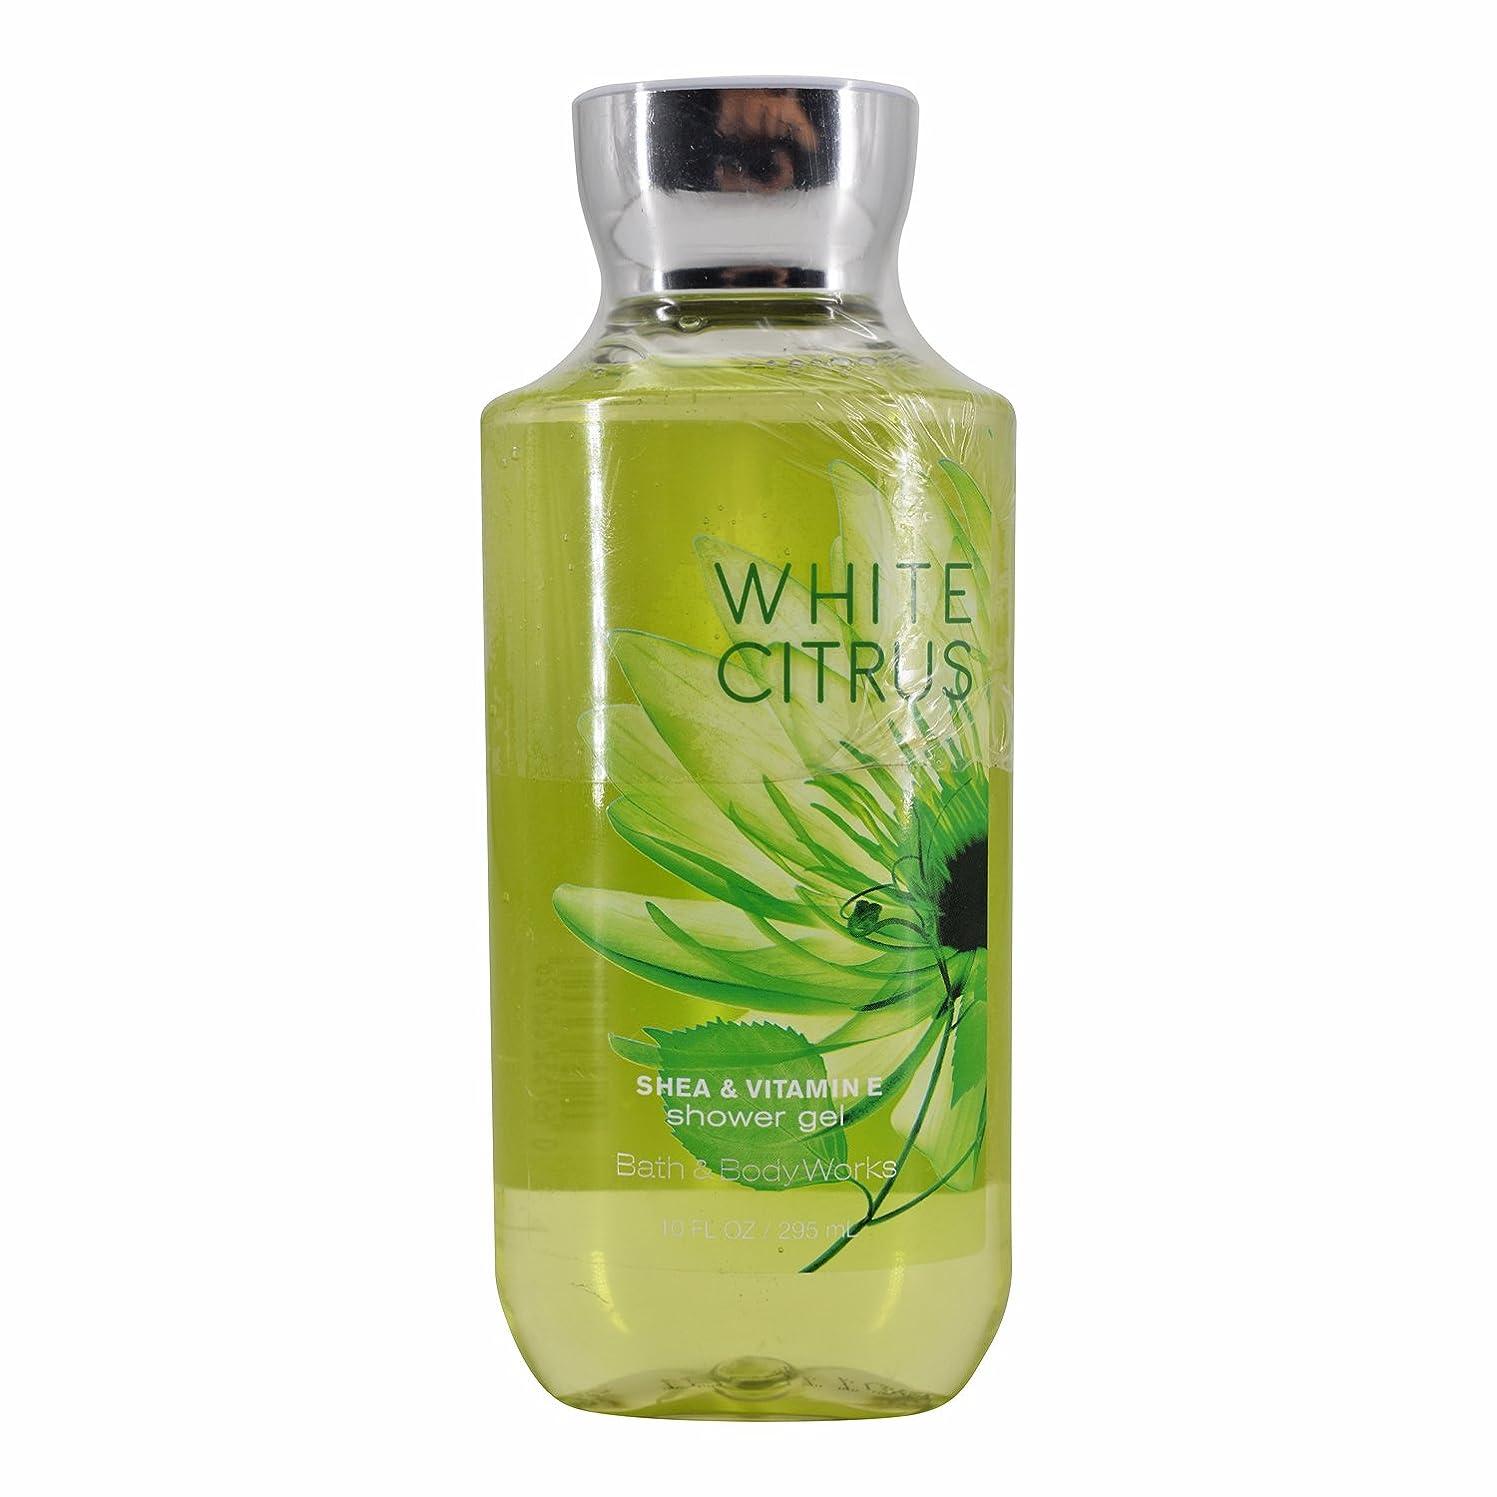 怪しいコック反逆バス&ボディワークス ホワイトシトラス シャワージェル White Citrus Shea & Vitamin-E Shower Gel